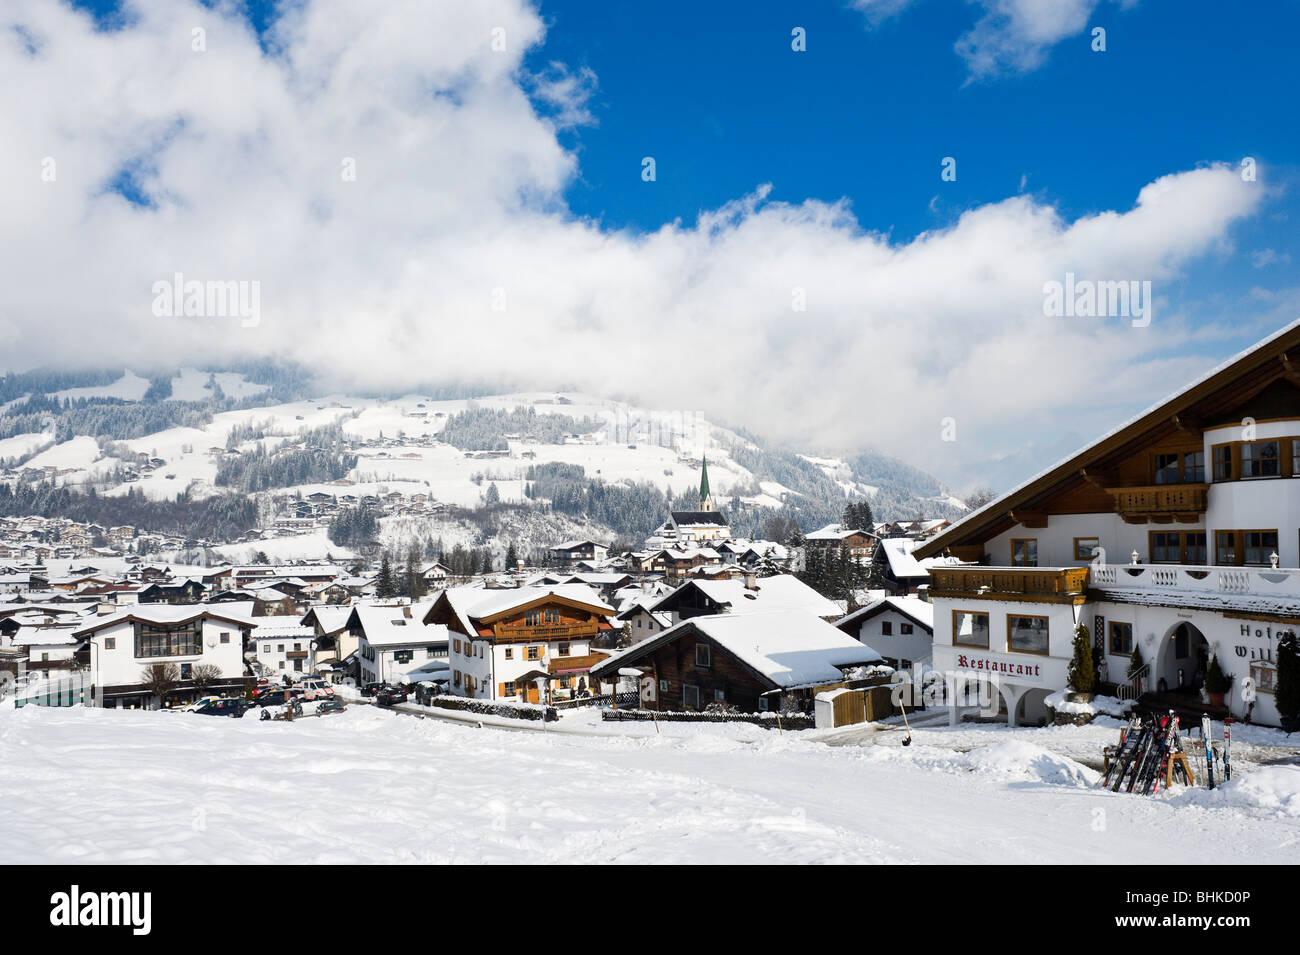 View over the resort from the bottom of the slopes, Kirchberg, near Kitzbuhel, Tyrol, Austria - Stock Image